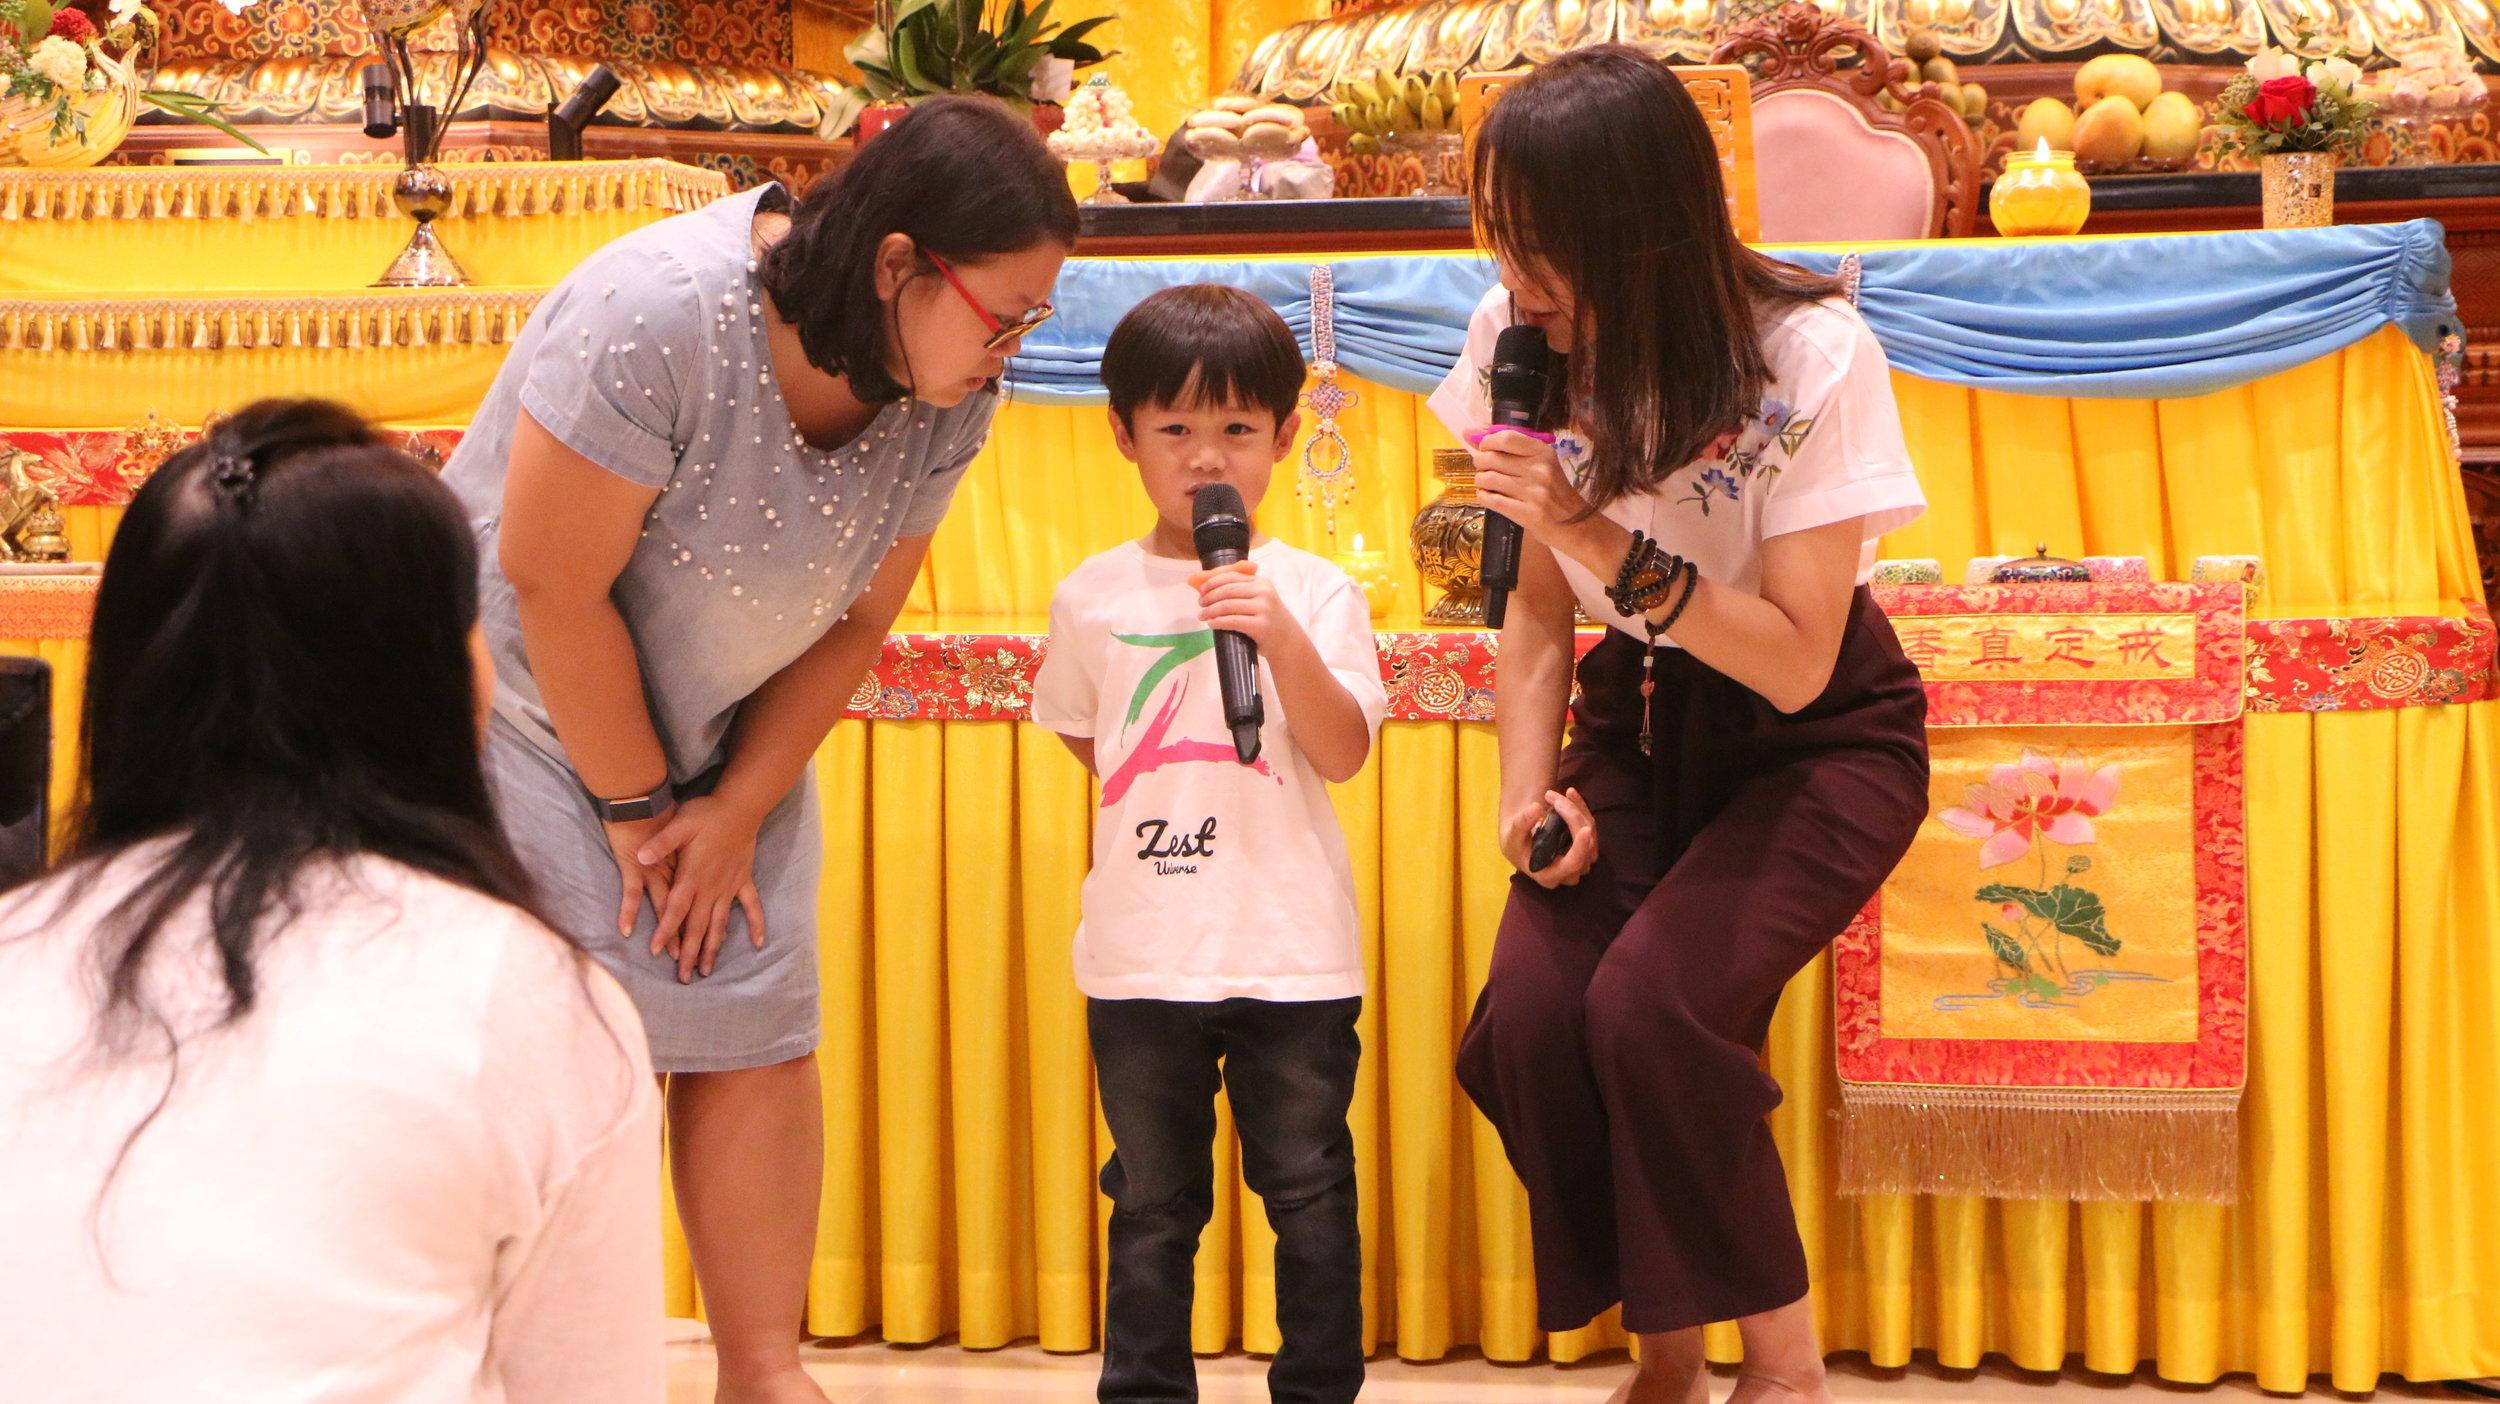 """另一位小朋友张哲睿 (Teo Zhe Rui, Ander) - 也非常勇敢地在大庭广众前分享他有一次进医院打针,感受到妈妈比他更难受,借此机会他对妈妈说:""""我爱您!"""""""